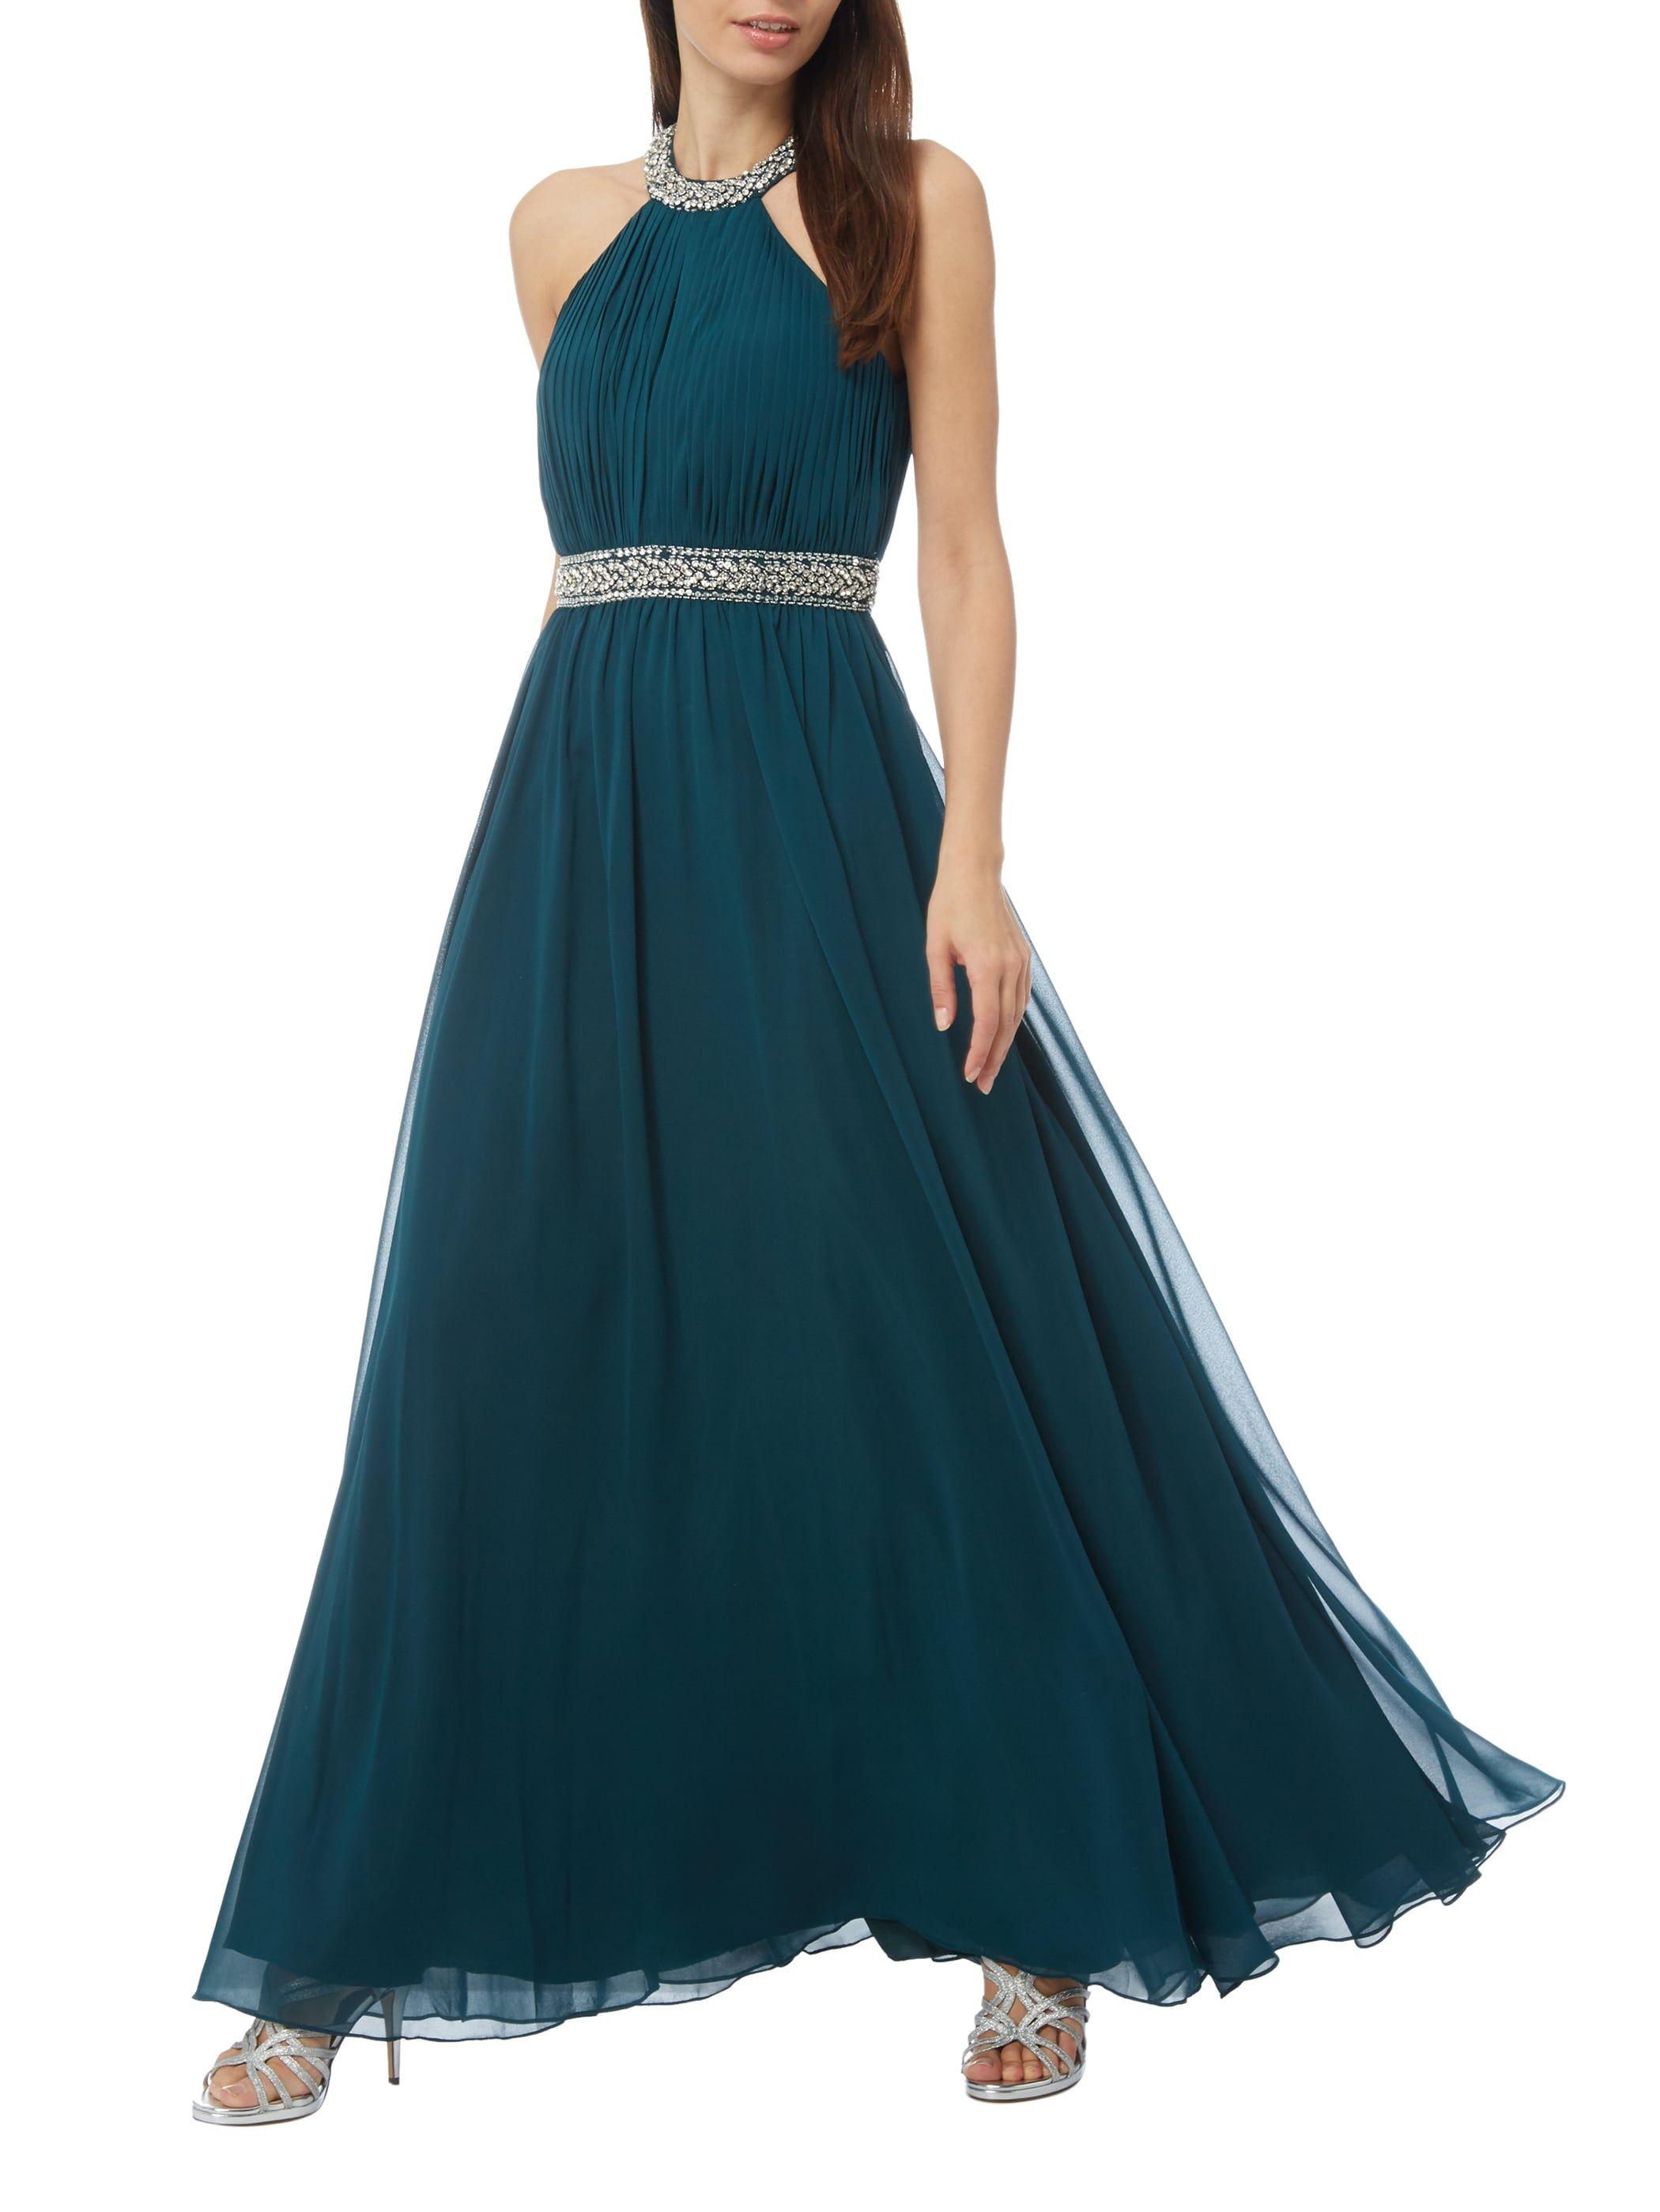 Abendkleid mit geschmücktem Collierkragen  Abendkleid, Kleider